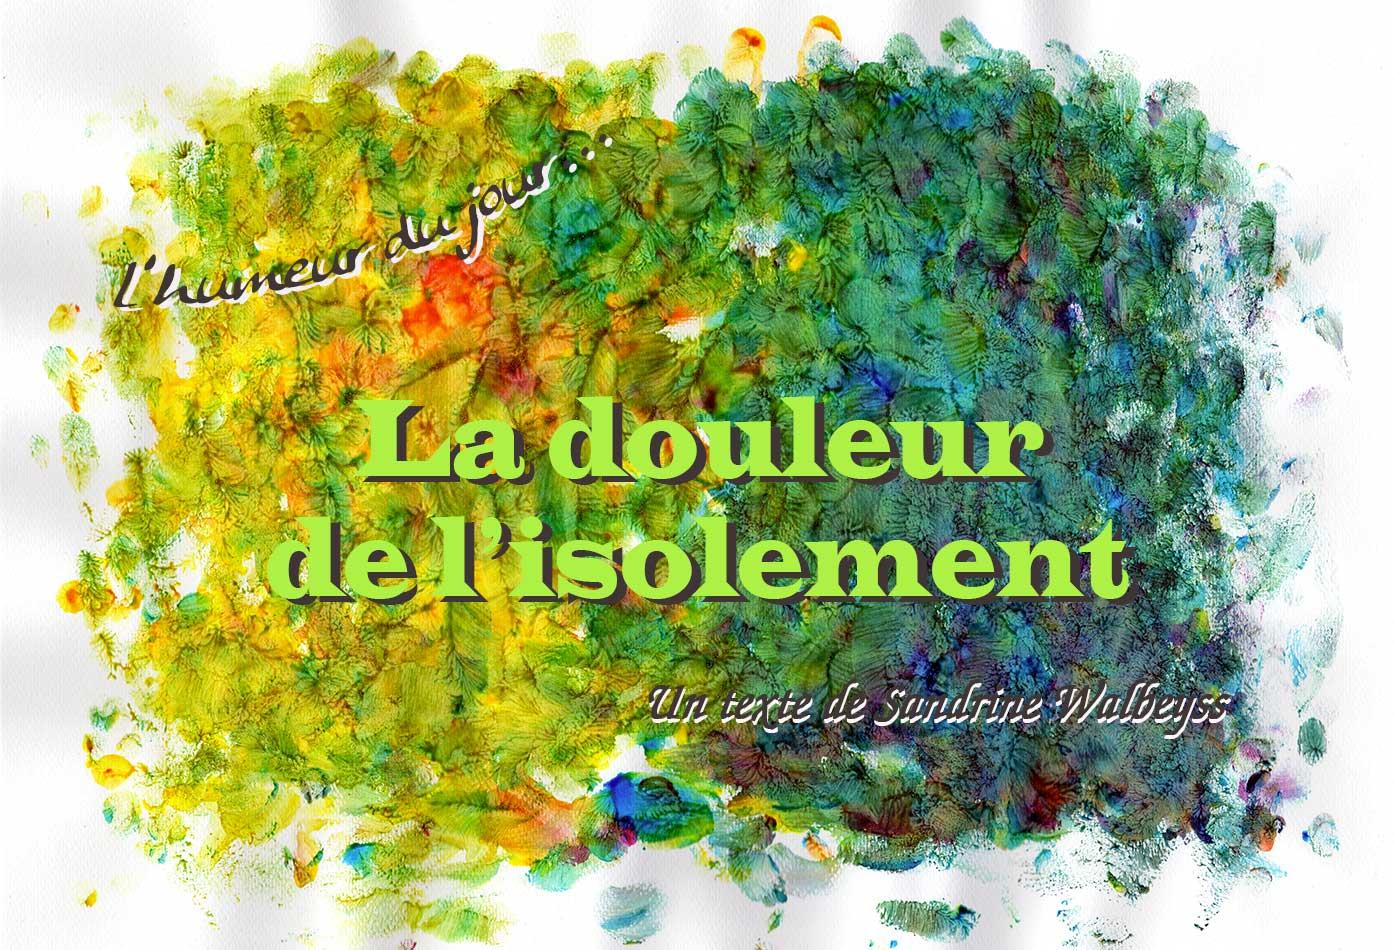 La douleur de l'isolement, un texte de Sandrine Walbeyss